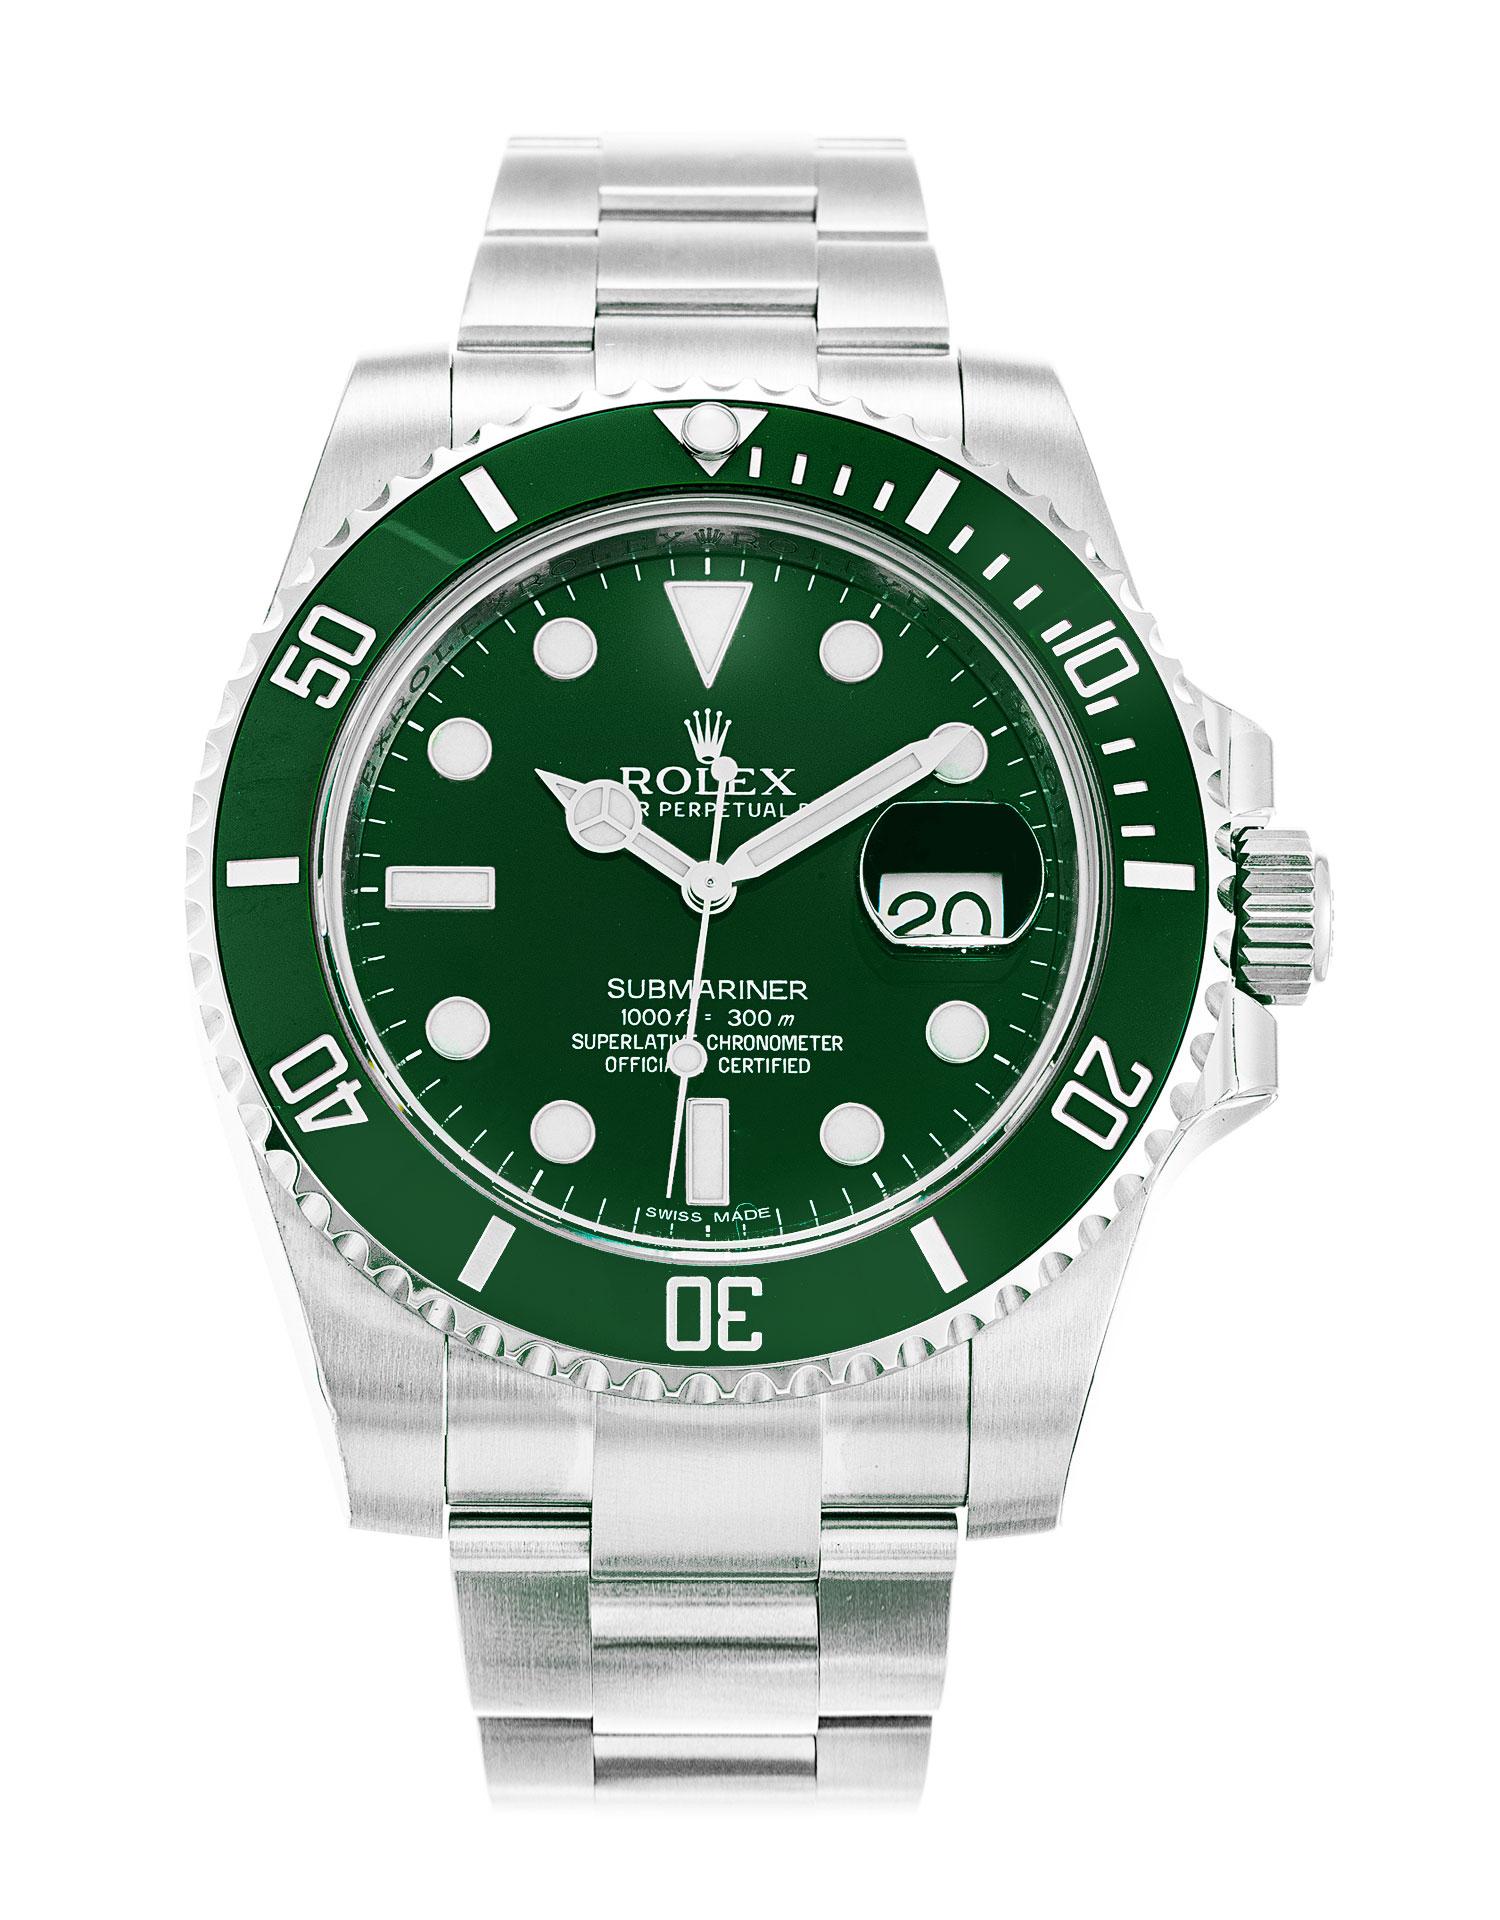 Rolex Submariner 116610 Lv Watch Watchfinder Co